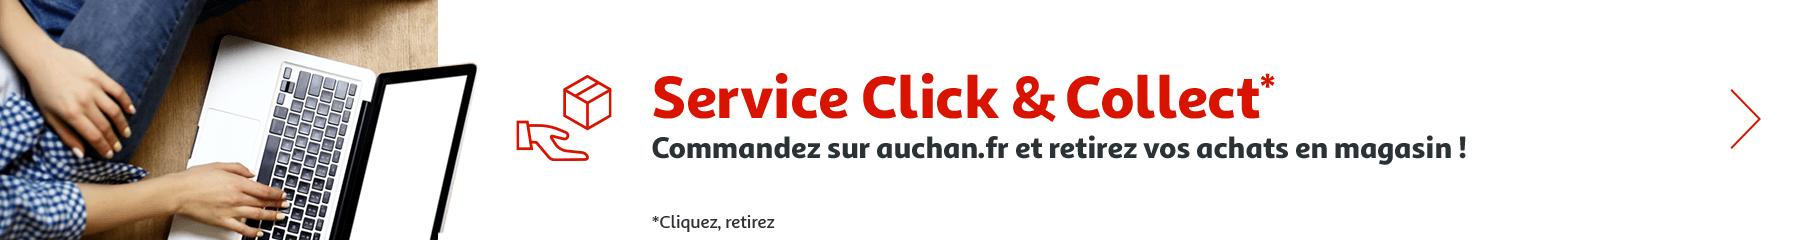 Click & collect, commandez sur Auchan.fr et retirez vos achats en magasin !